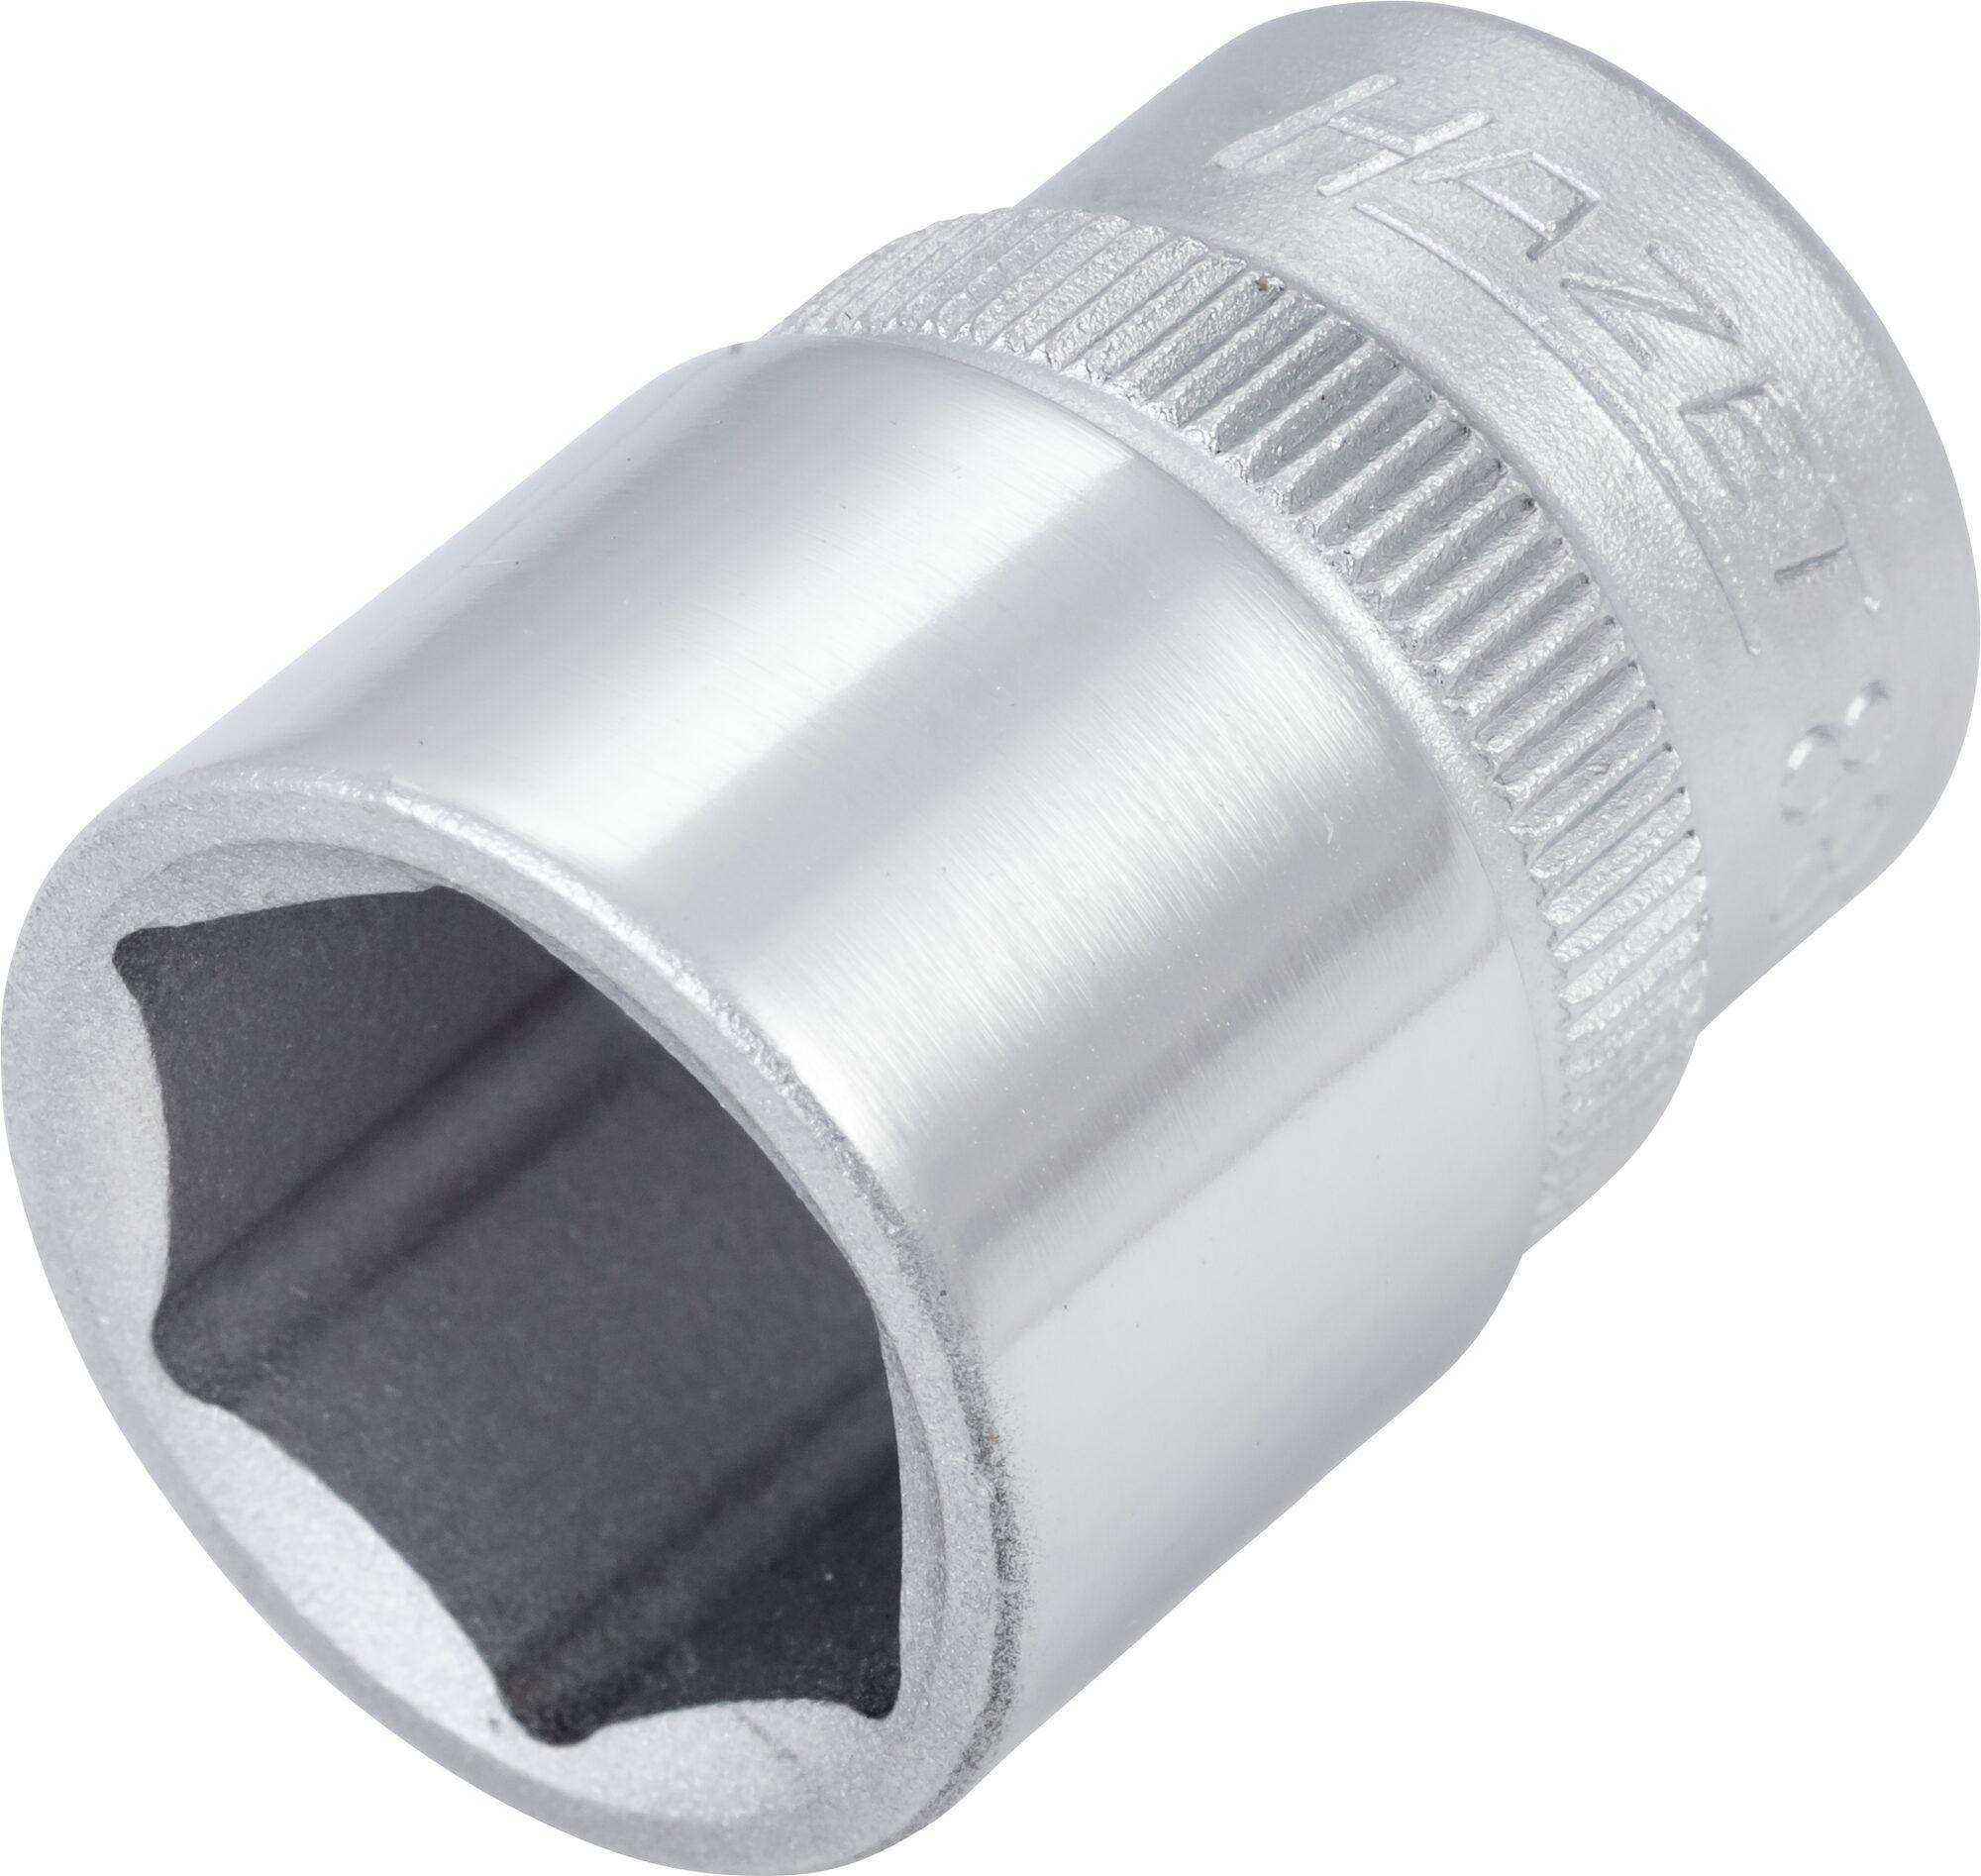 HAZET Steckschlüsseleinsatz ∙ Sechskant 880-15 ∙ Vierkant hohl 10 mm (3/8 Zoll) ∙ Außen-Sechskant-Tractionsprofil